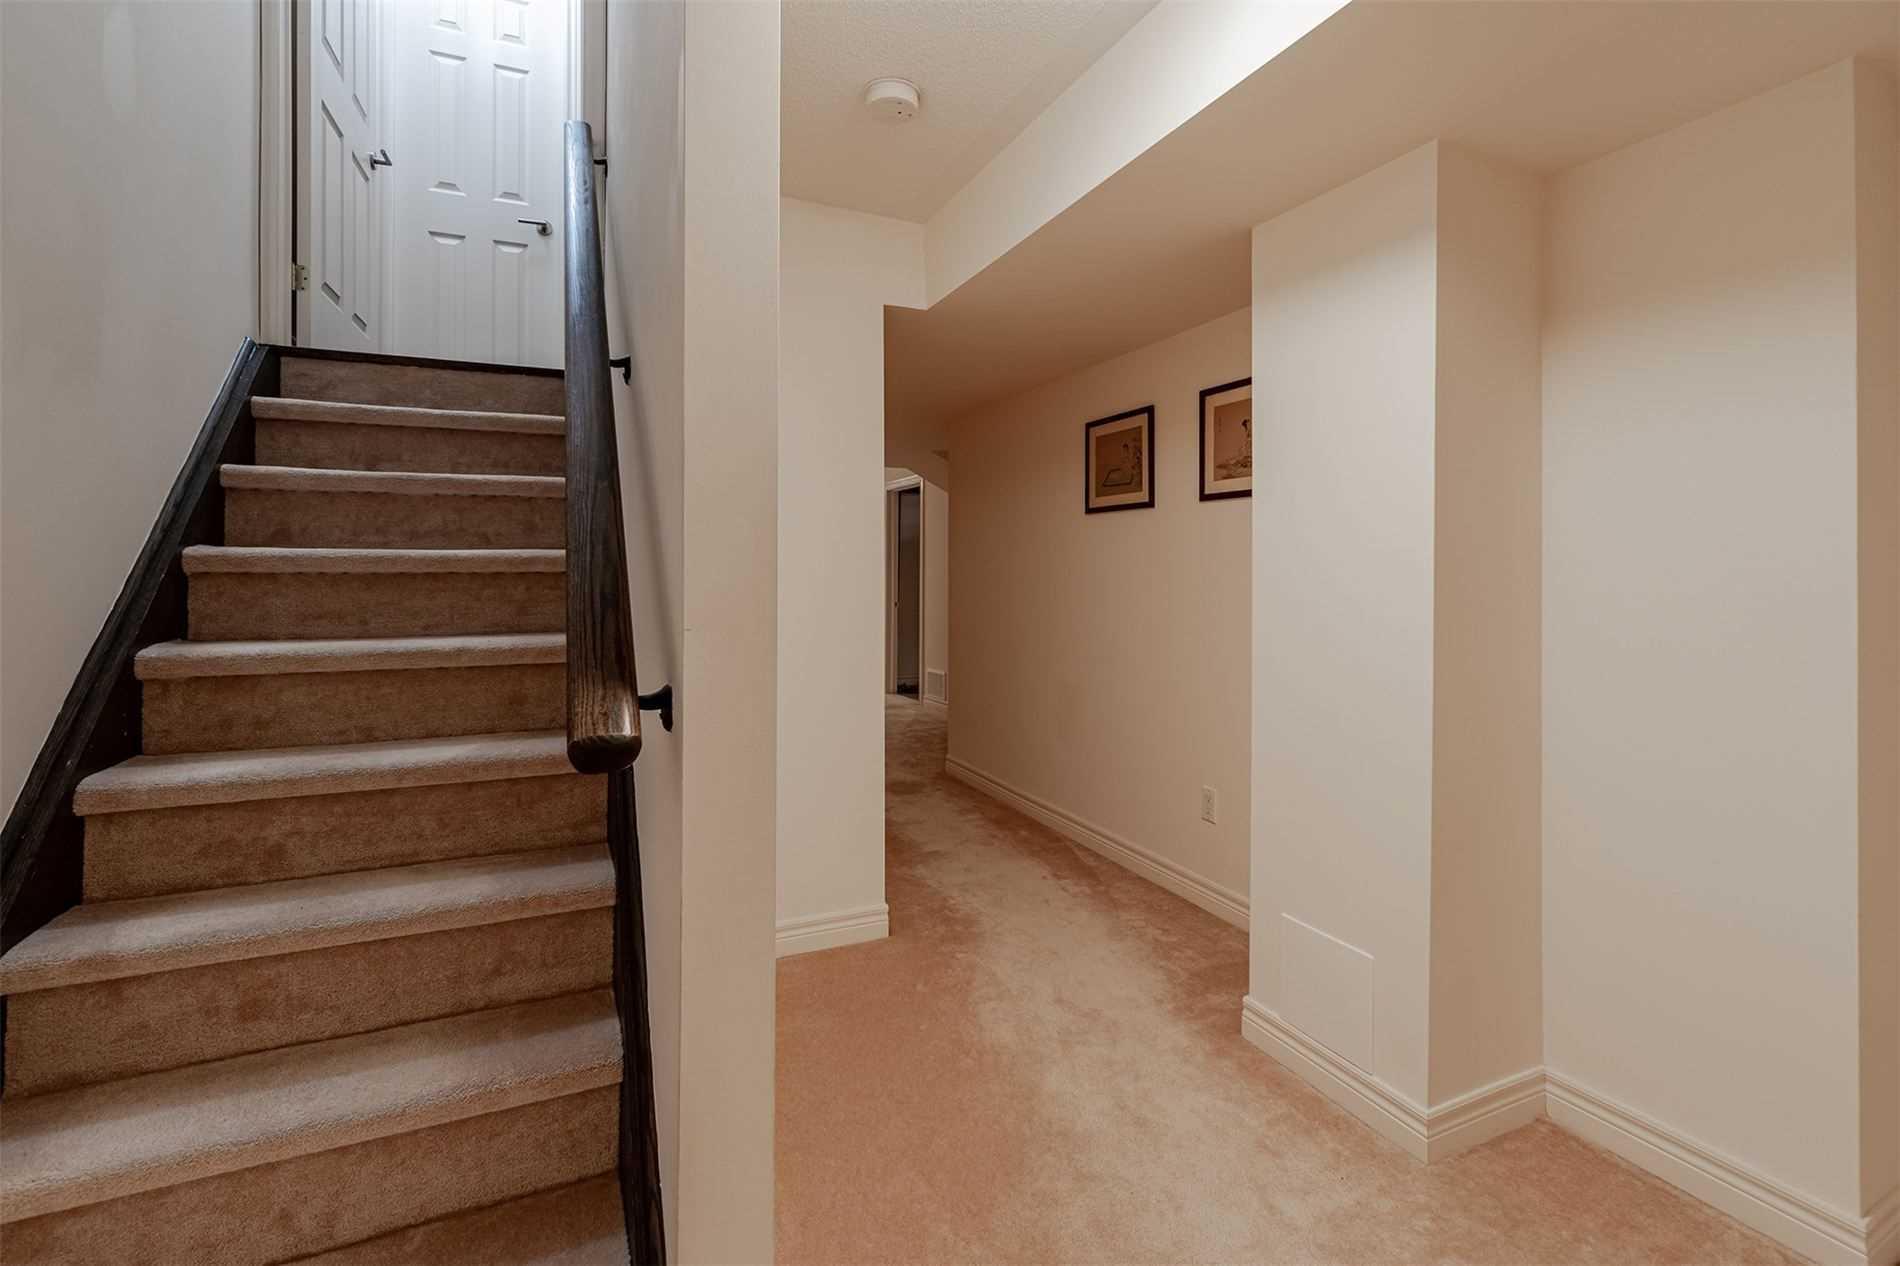 865 Stoutt Cres - Coates Detached for sale, 4 Bedrooms (W5399927) - #34